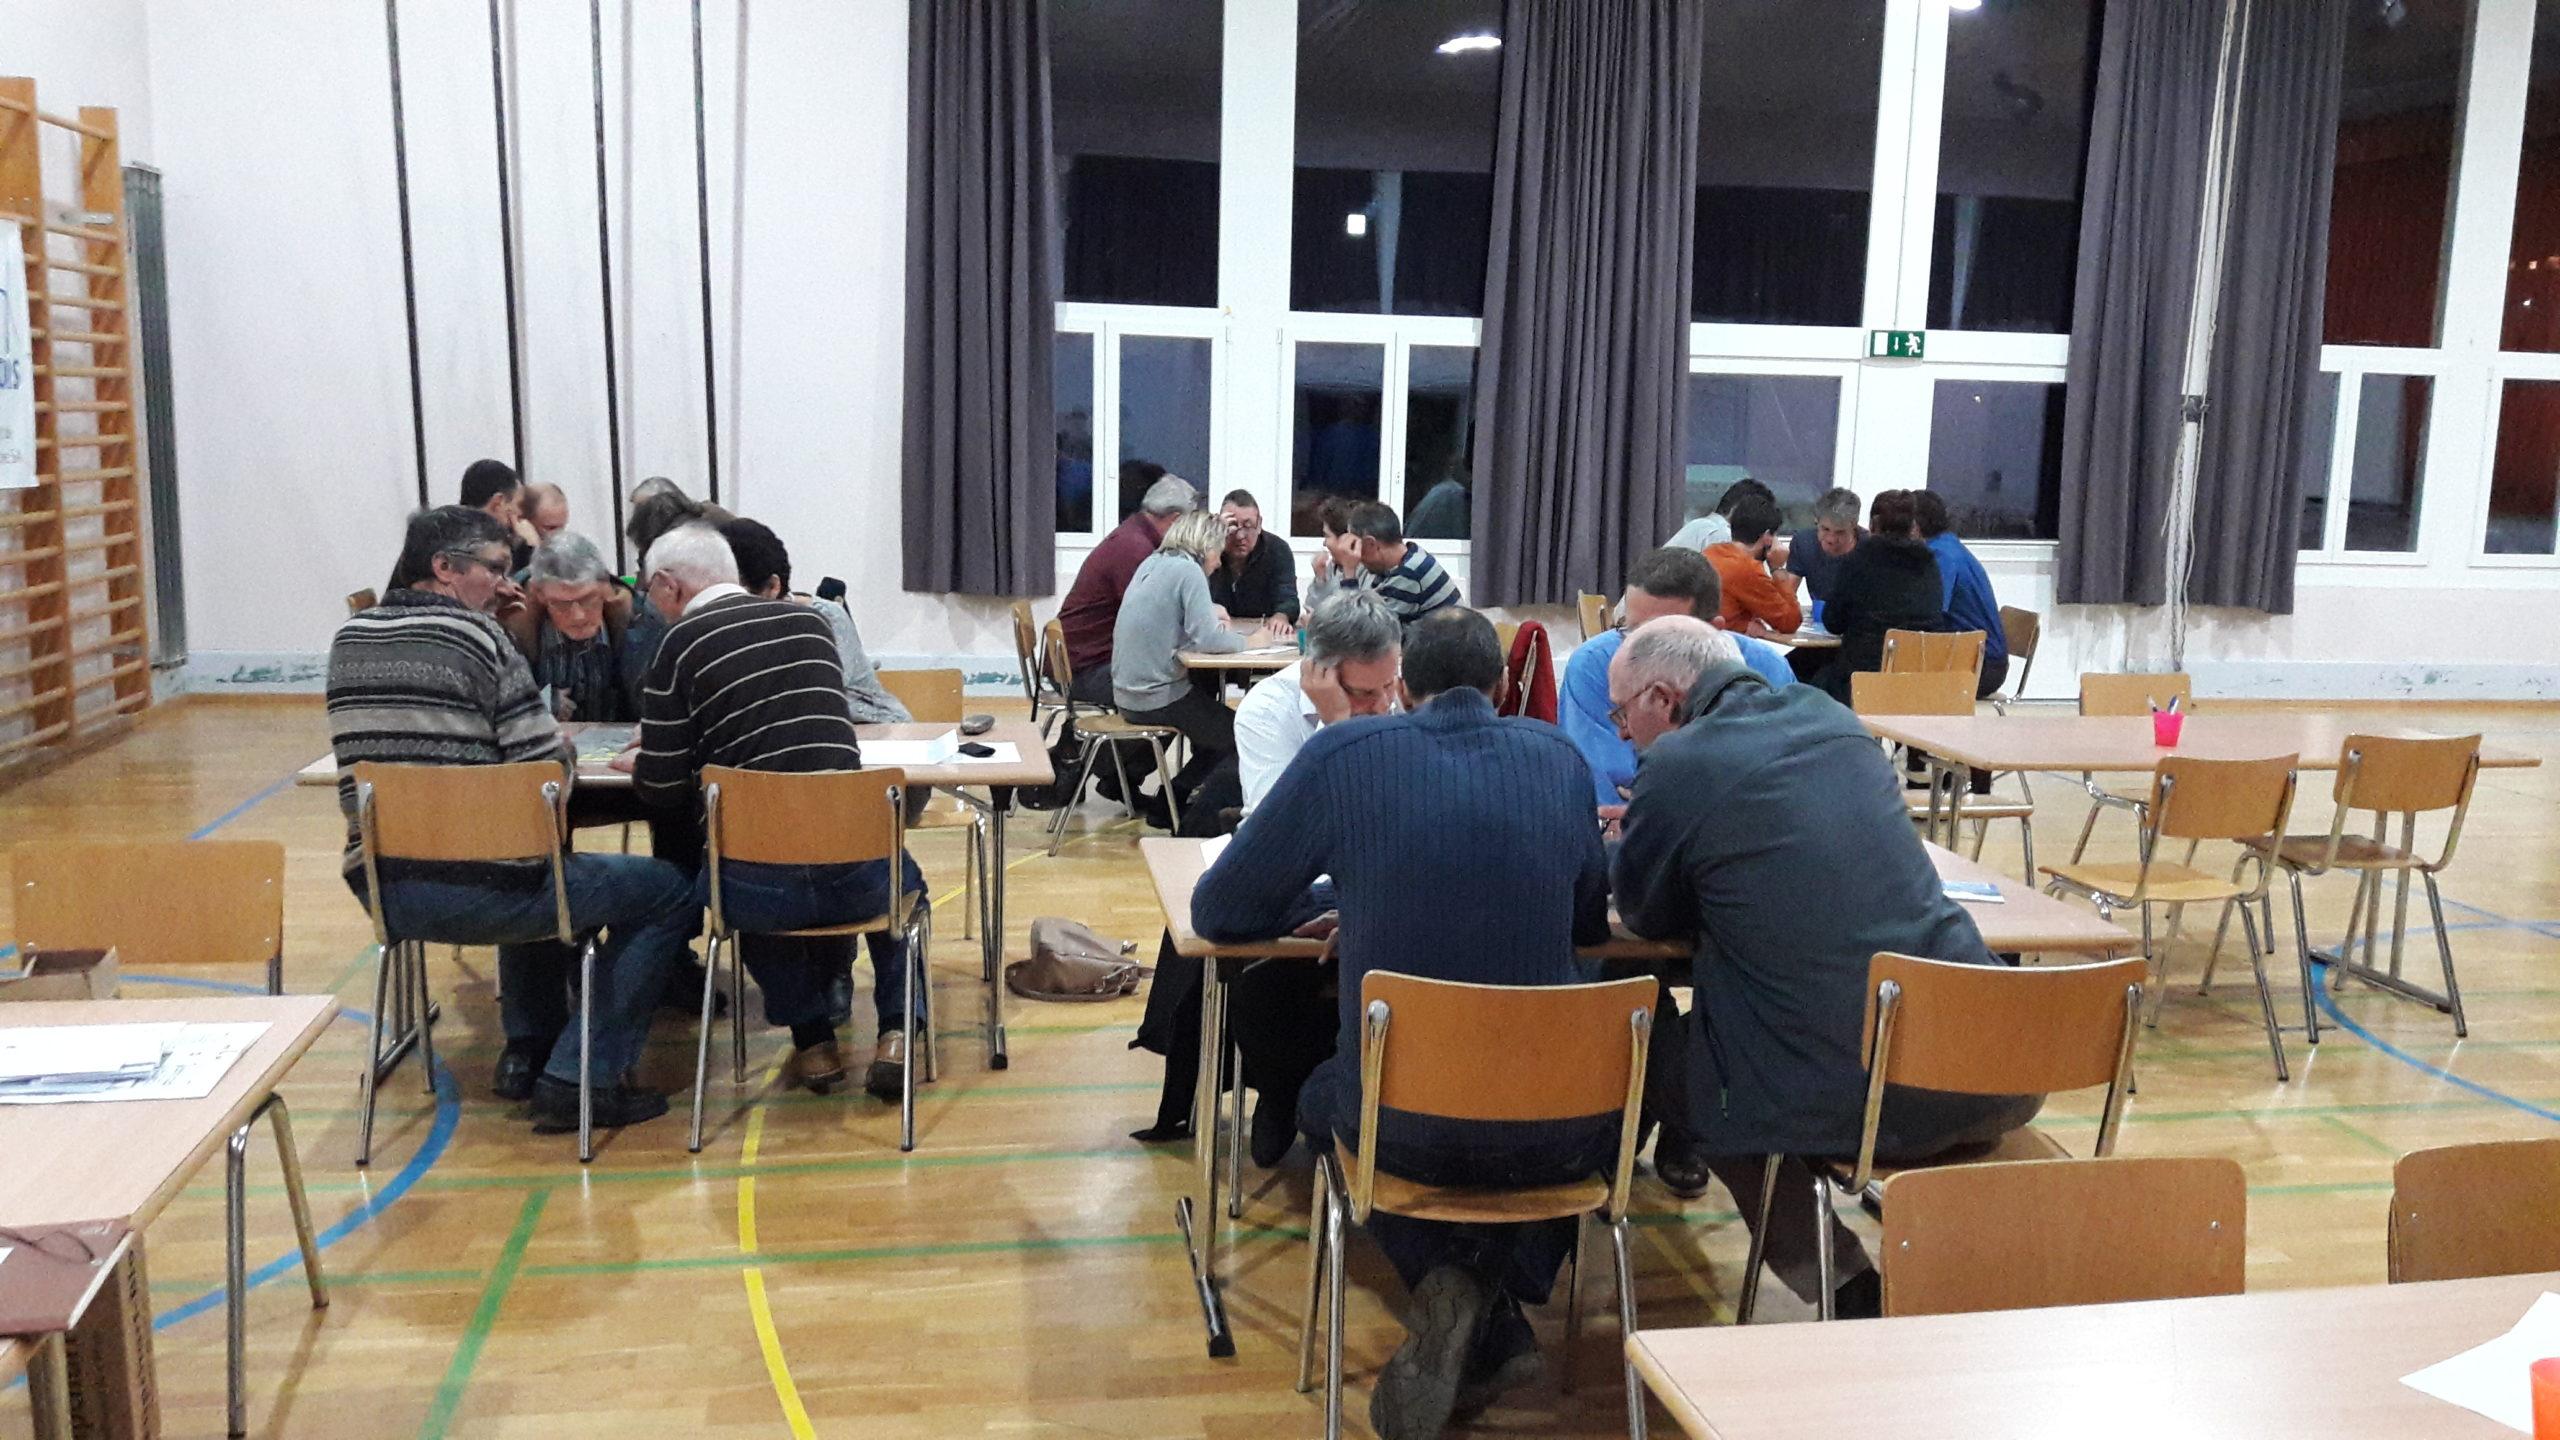 2ème soirée participative avec la population de Bavois